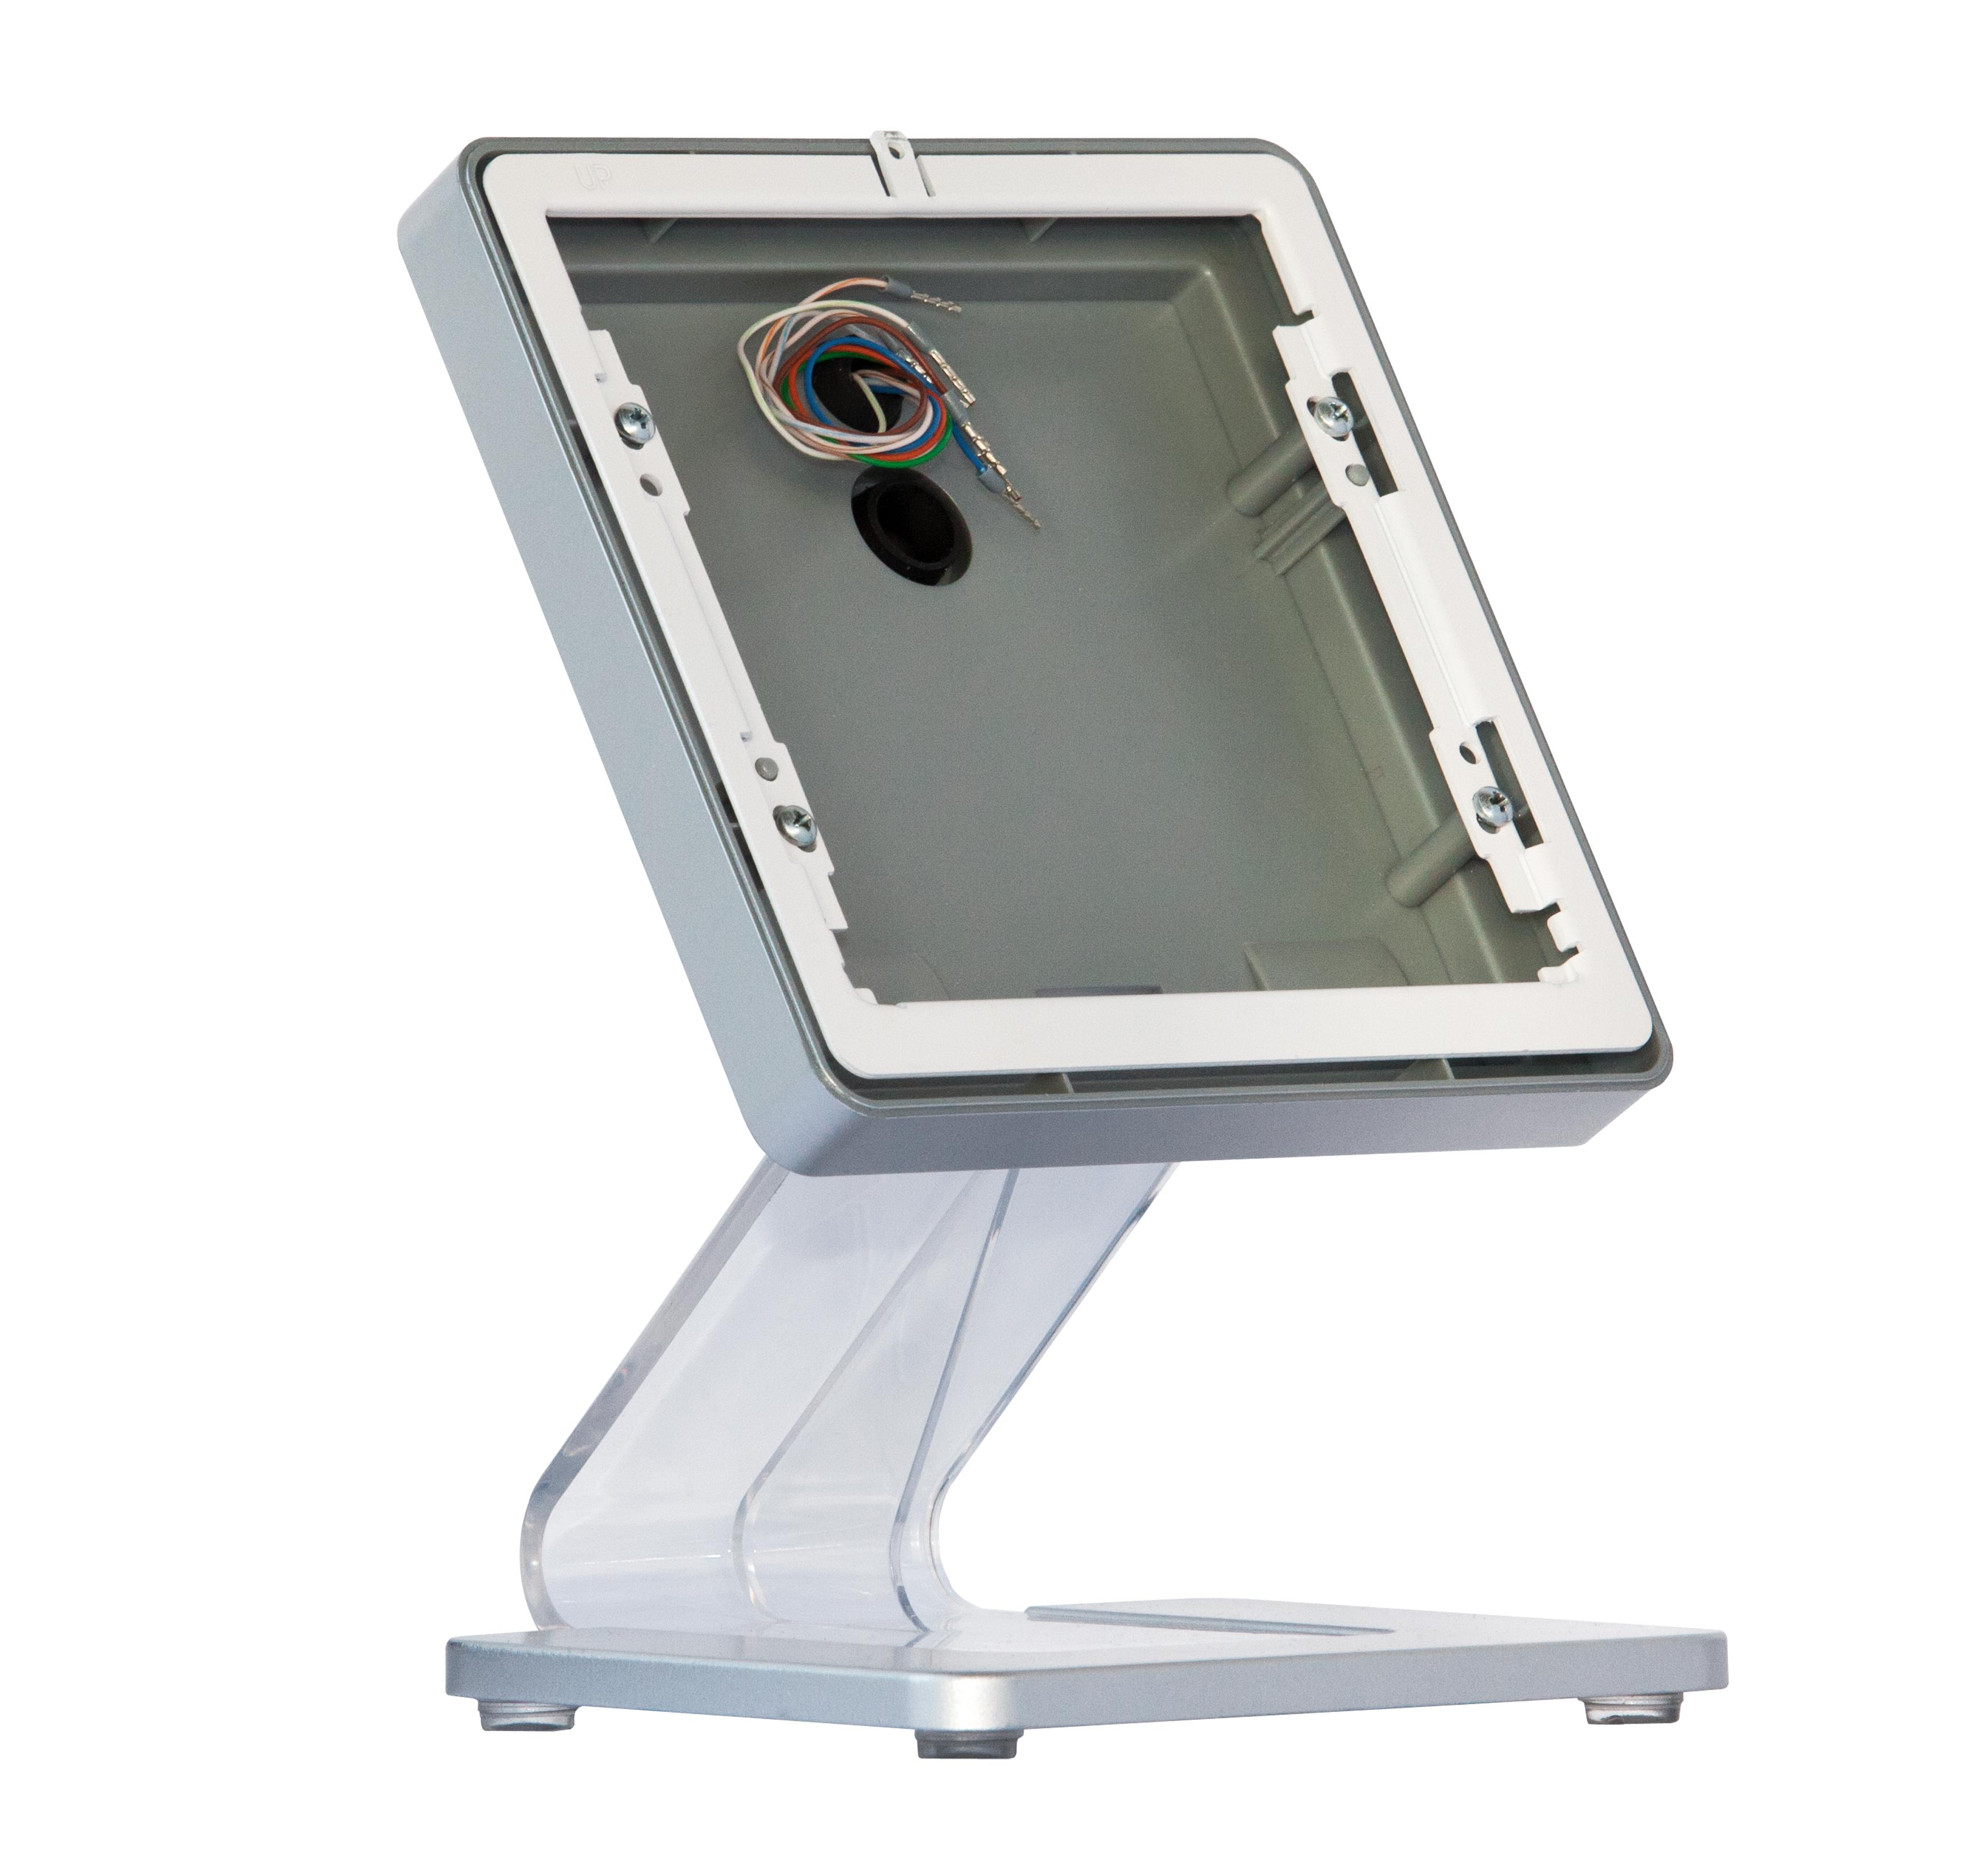 1 Stk Tischkonsole für SMART Monitor SP6312----